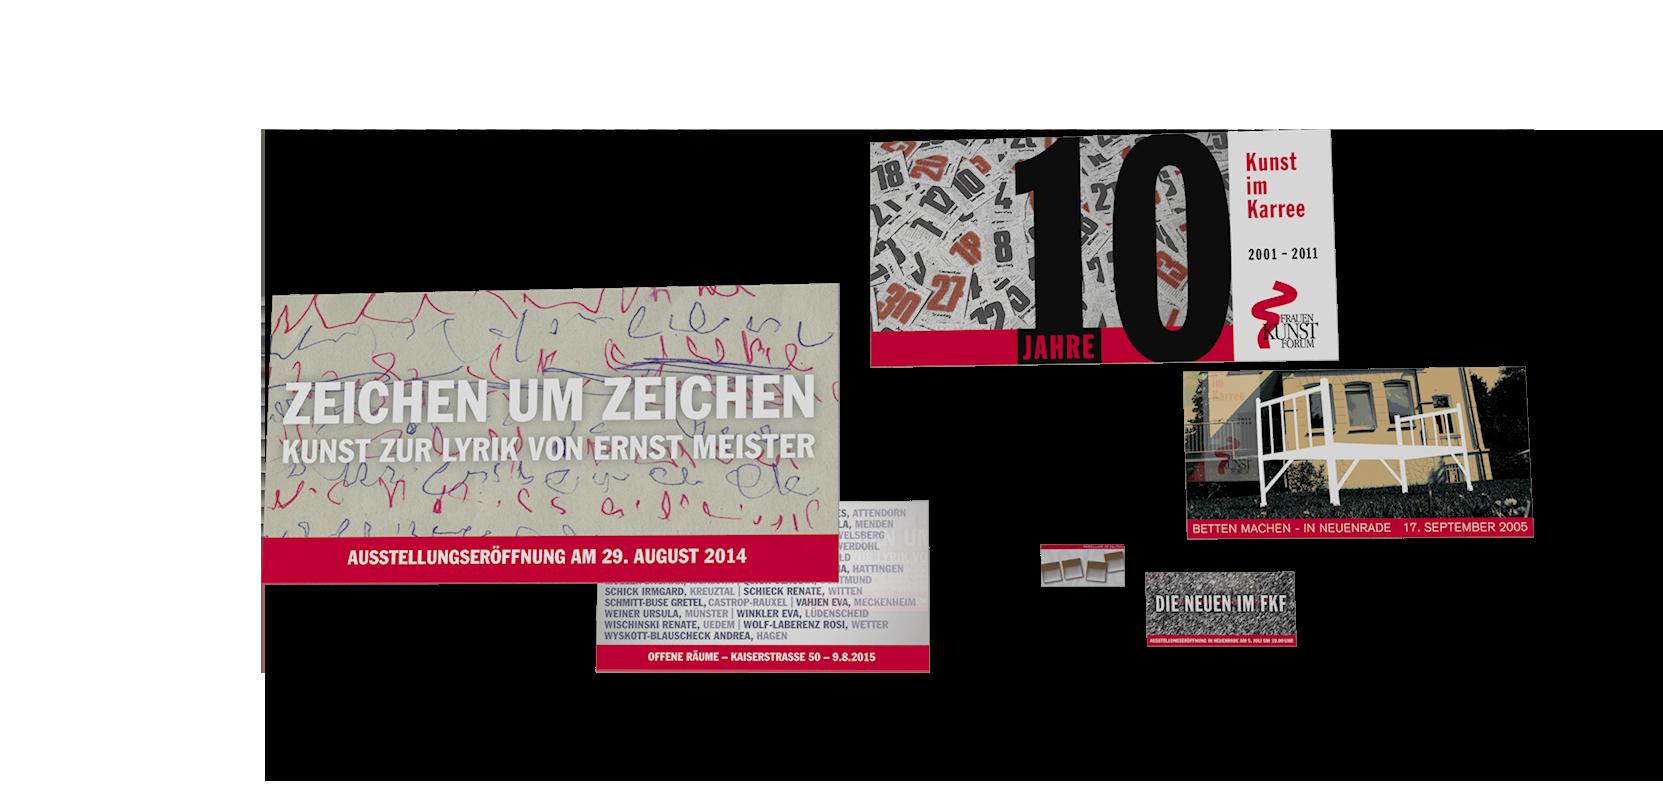 Einladungskarten für Aktionen und Austellungen